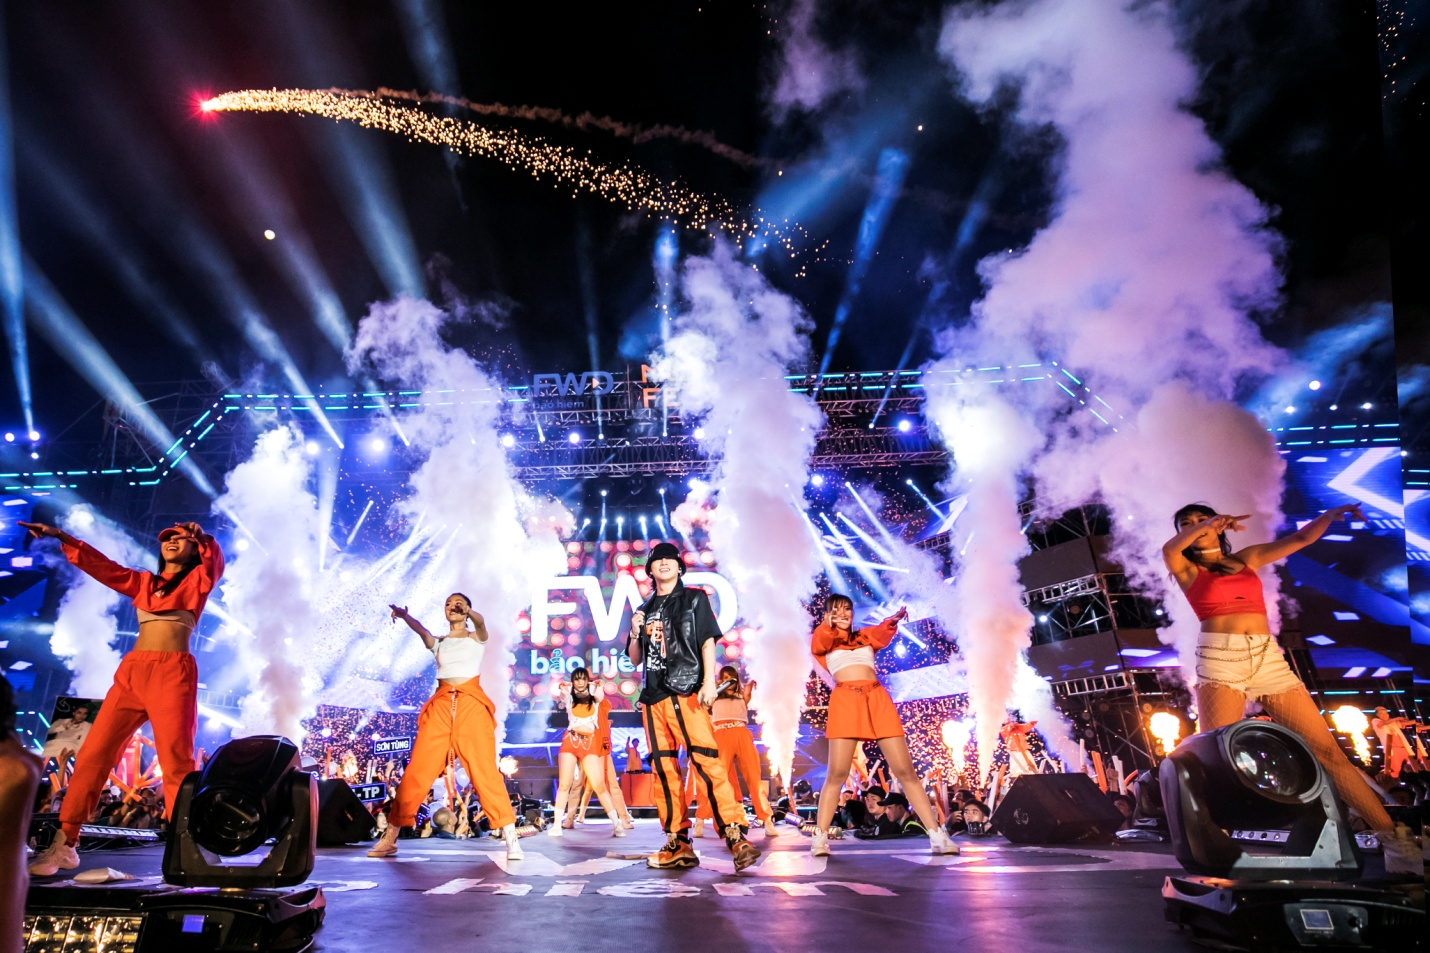 FWD Music Fest thành công mỹ mãn trong sự reo hò của 20.000 khán giả - Ảnh 6.